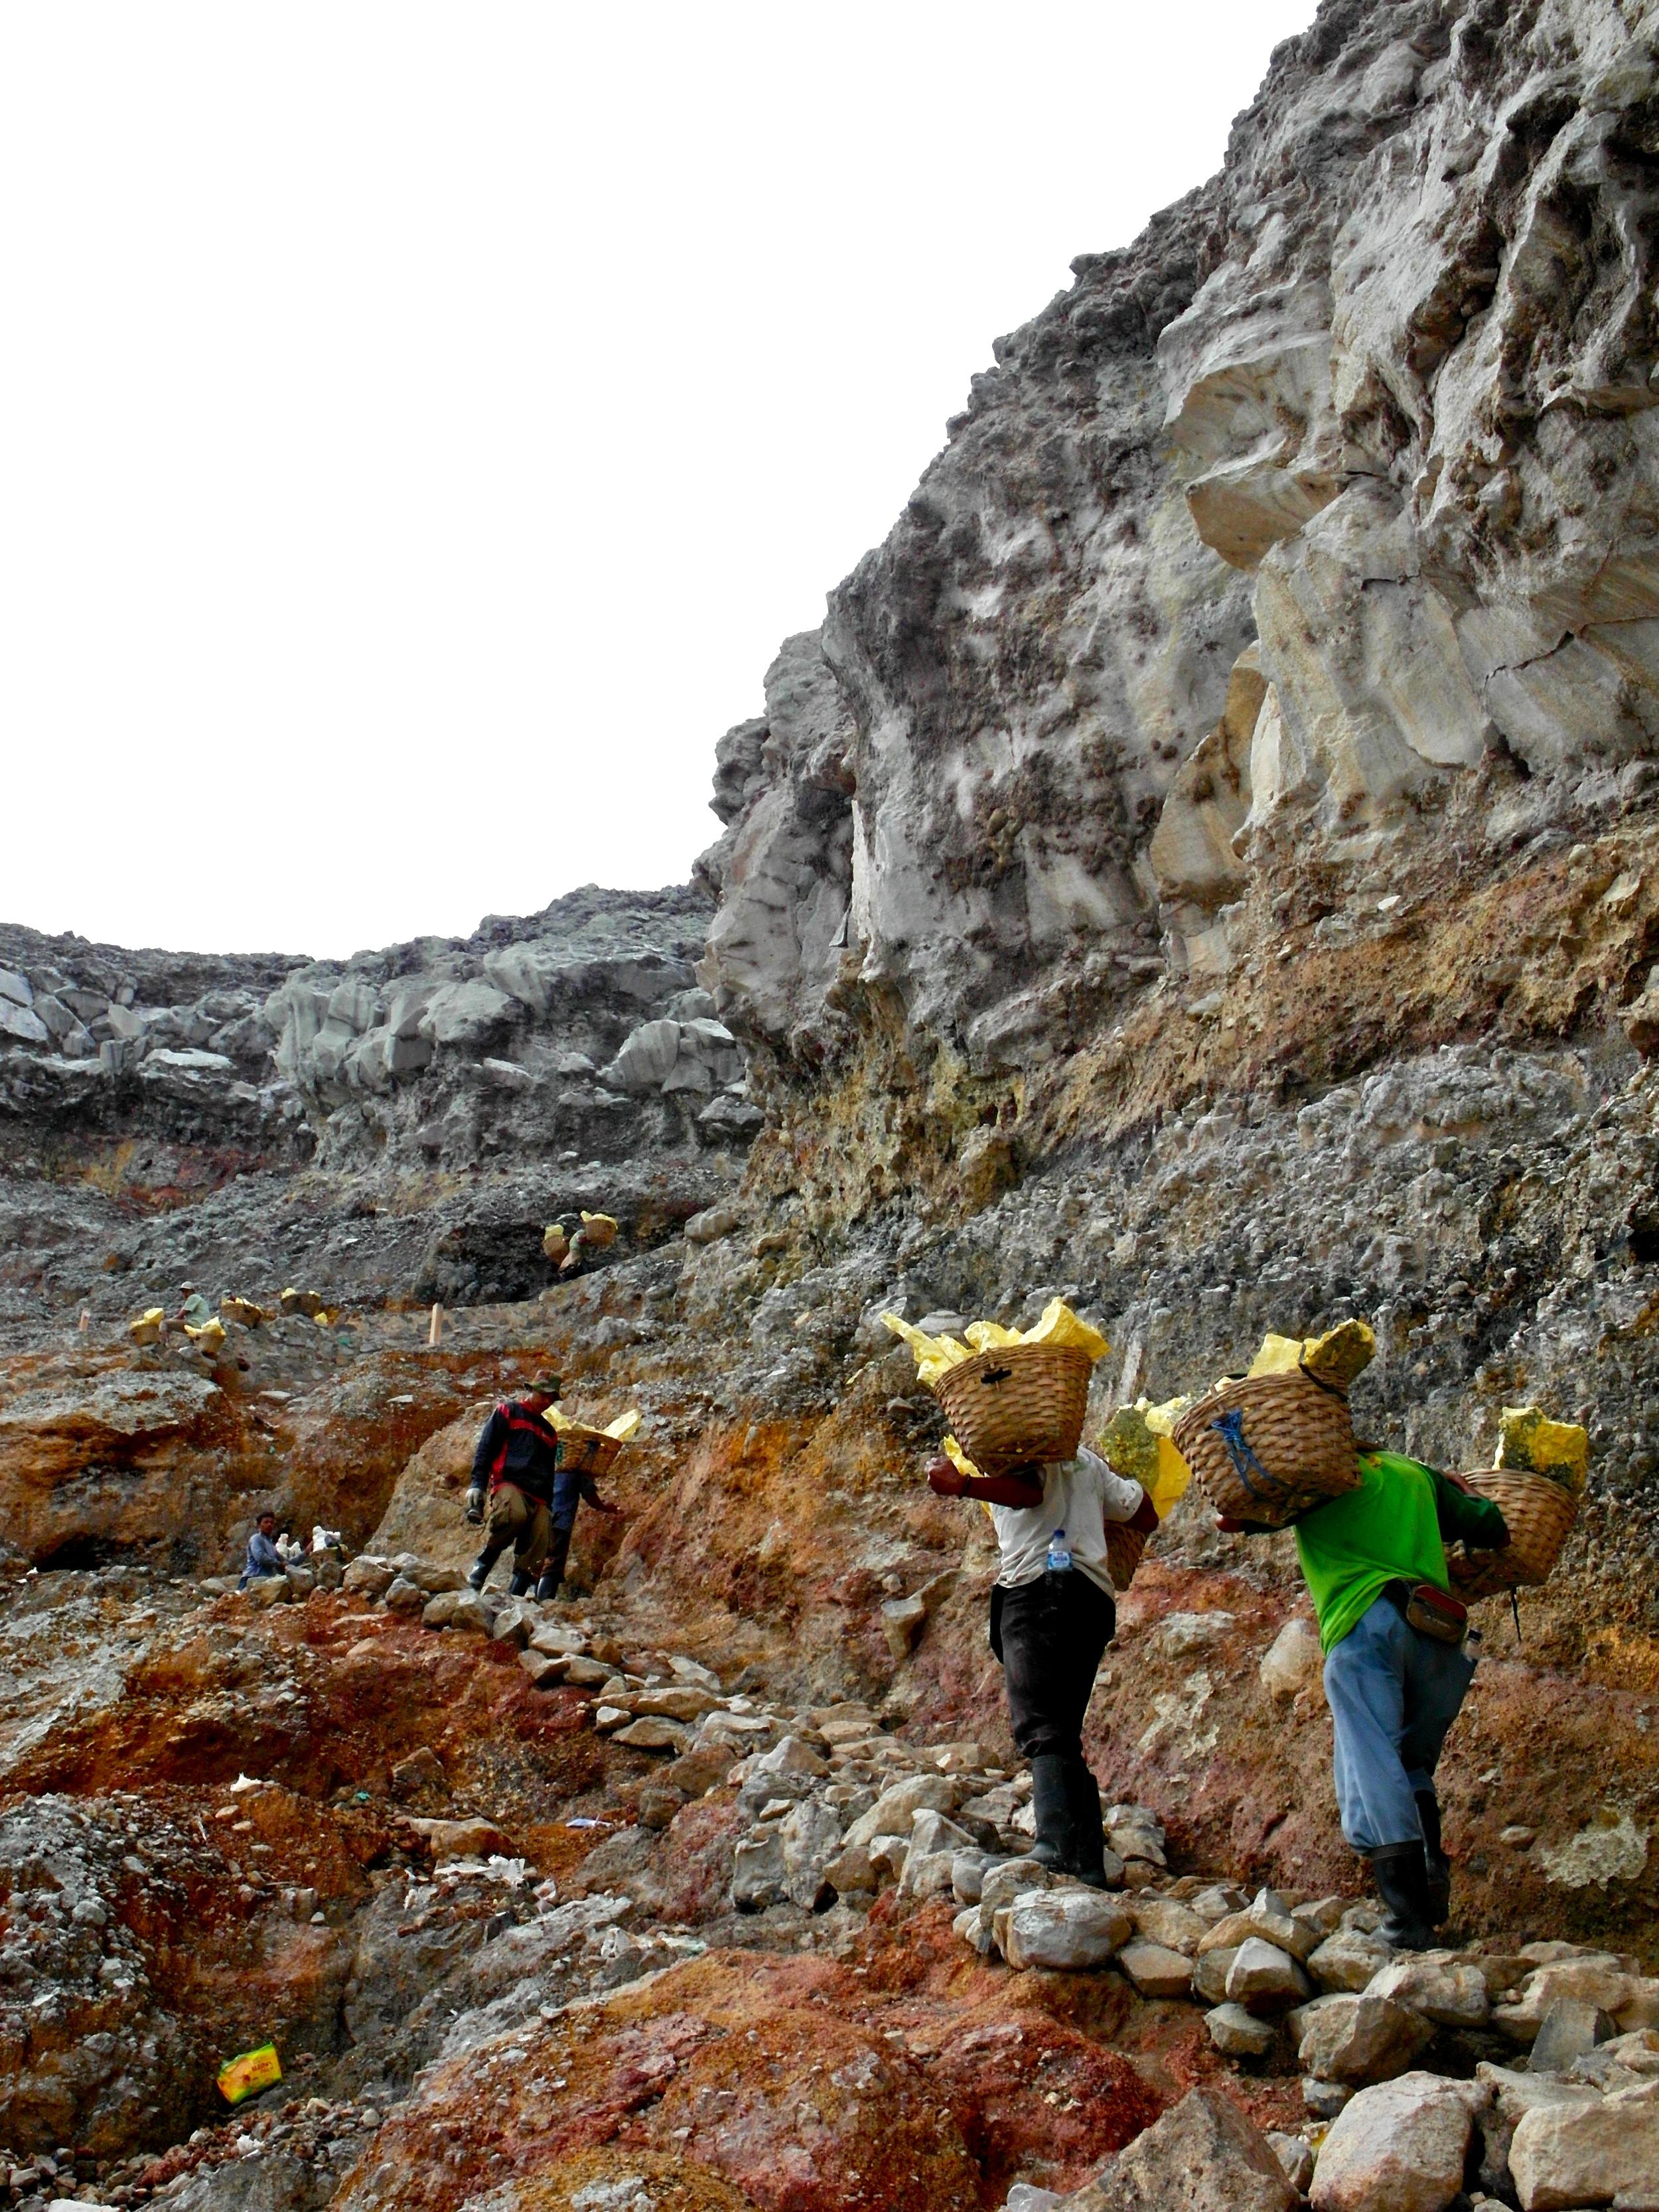 A treacherous climb back up the volcano's summit.